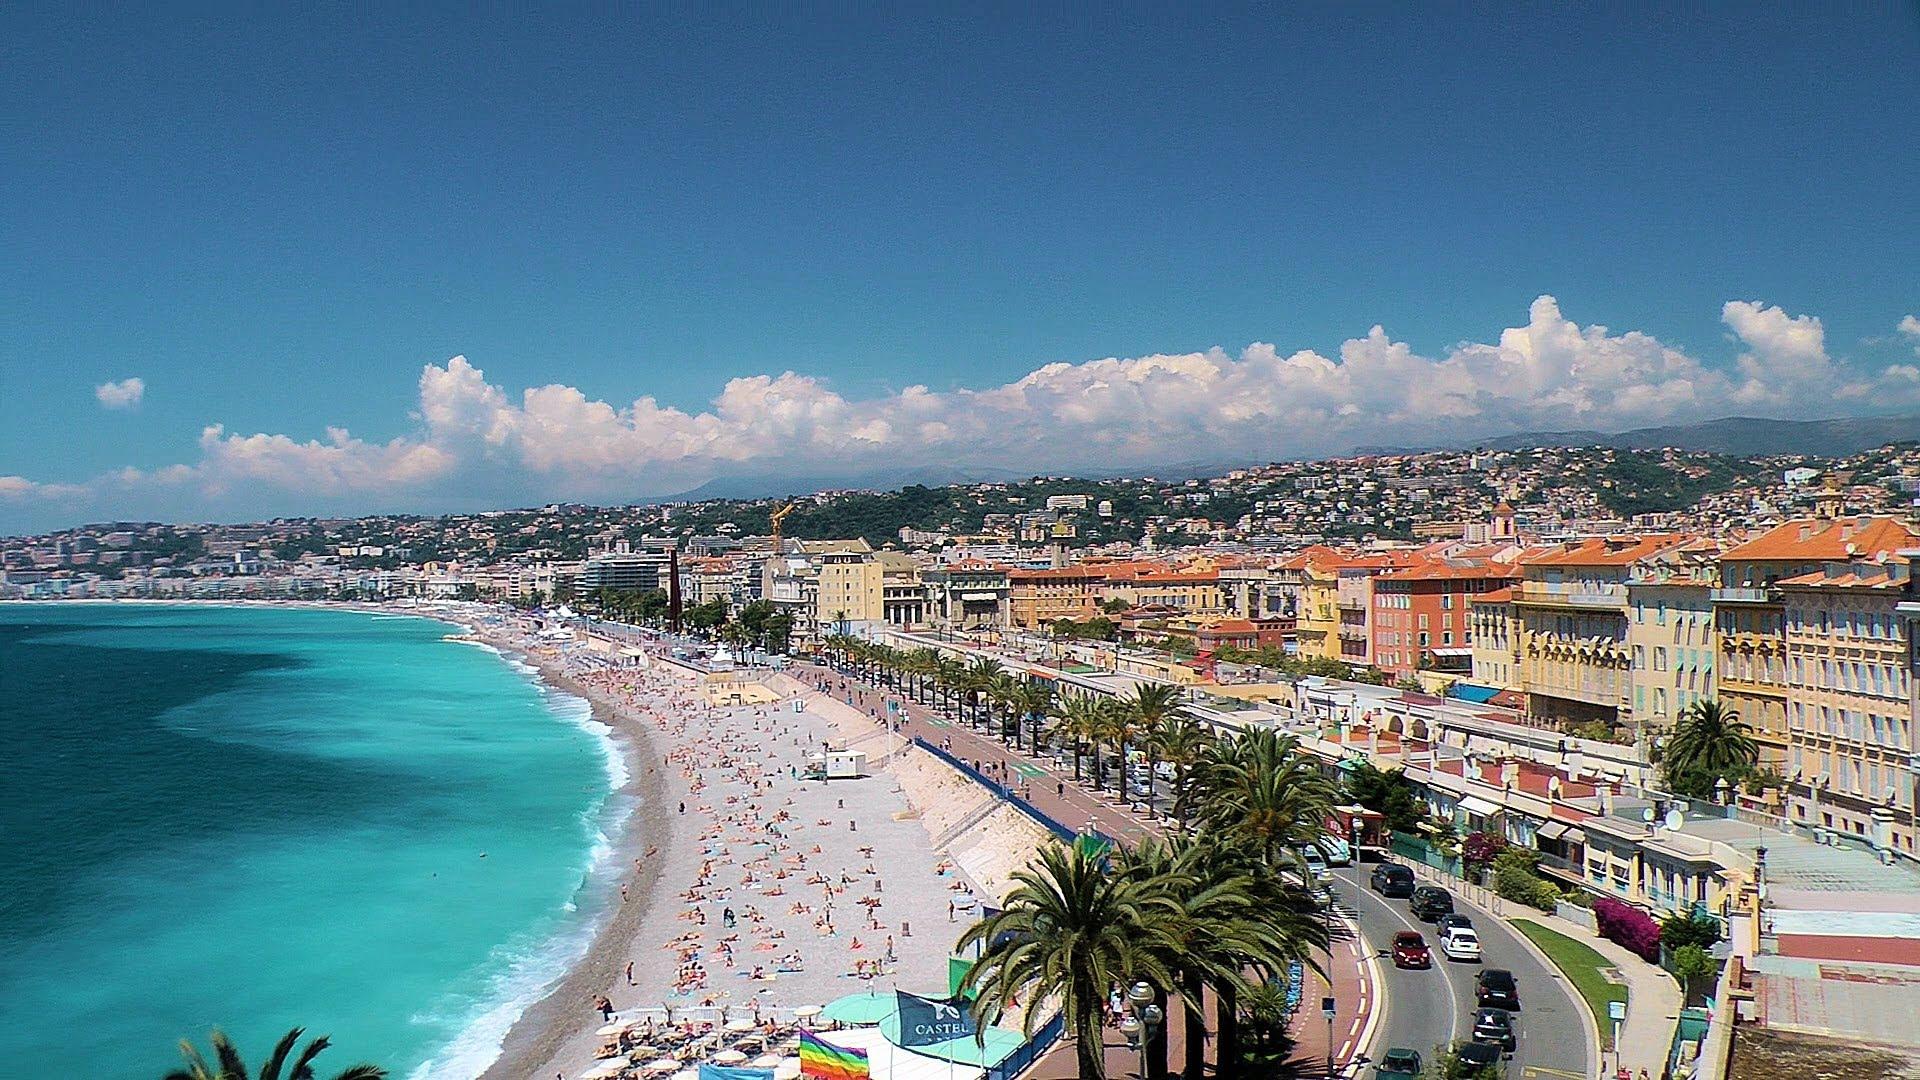 تفرجگاه پرومناد دز آنگله (Promenade des Anglais) نیس فرانسه